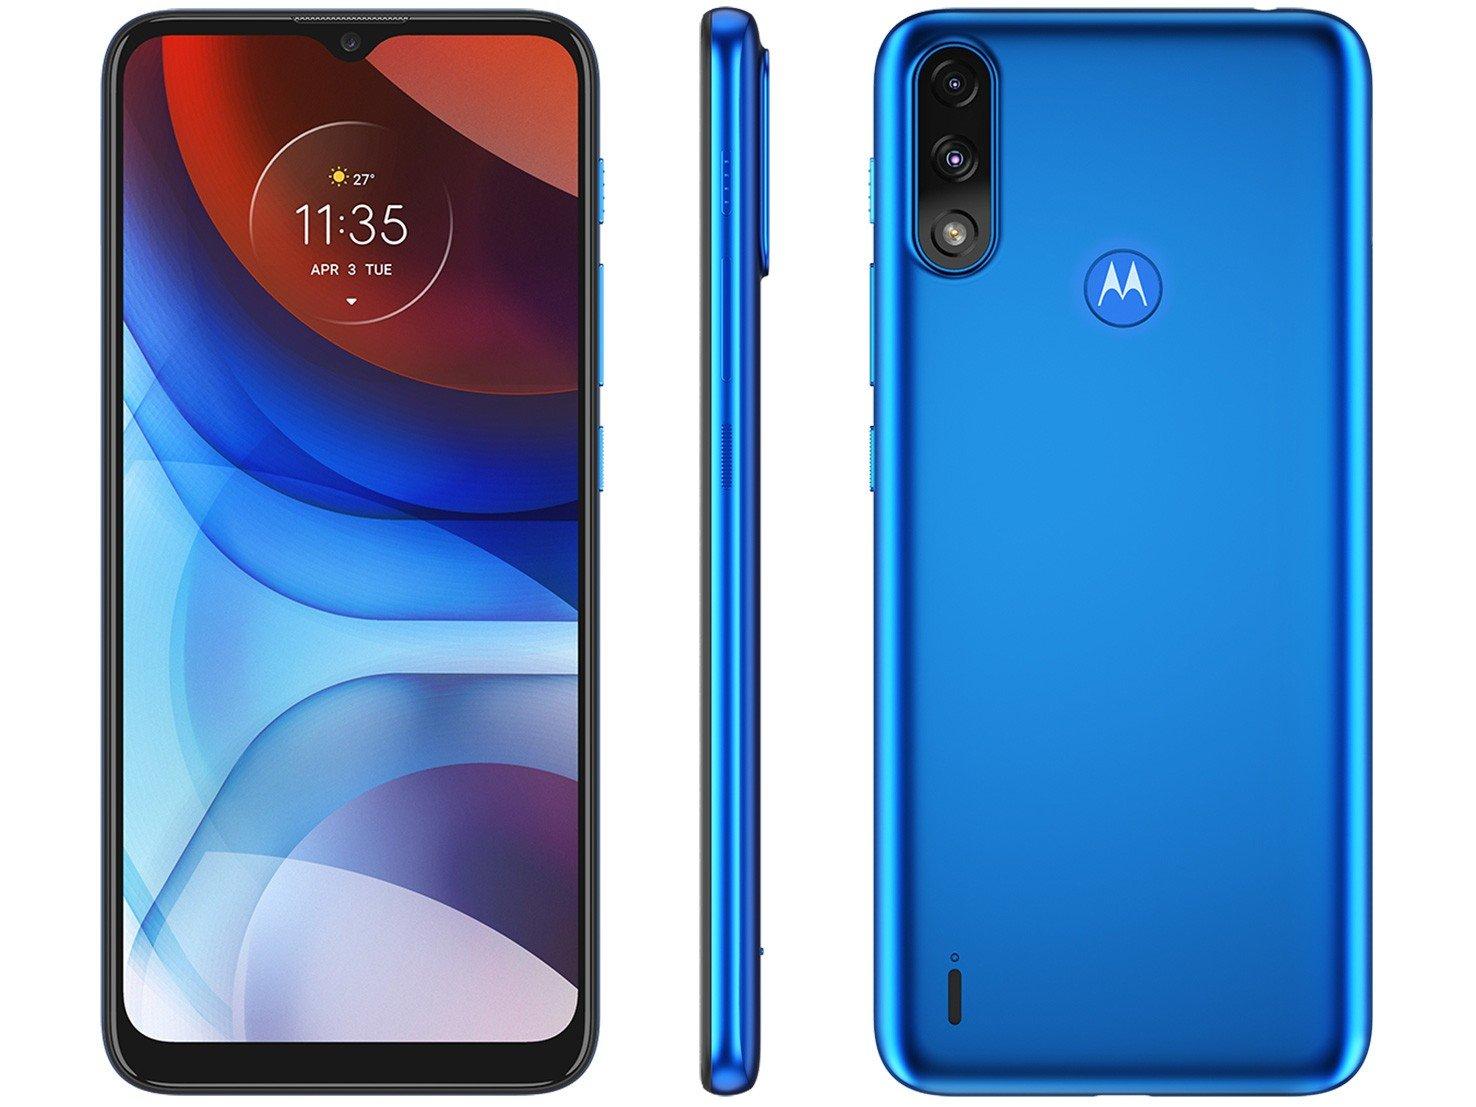 """Smartphone Motorola Moto E7 Power 32GB Azul - Metálico 4G 2GB RAM 6,5"""" Câm. Dupla + Selfie 5MP - Bivolt"""